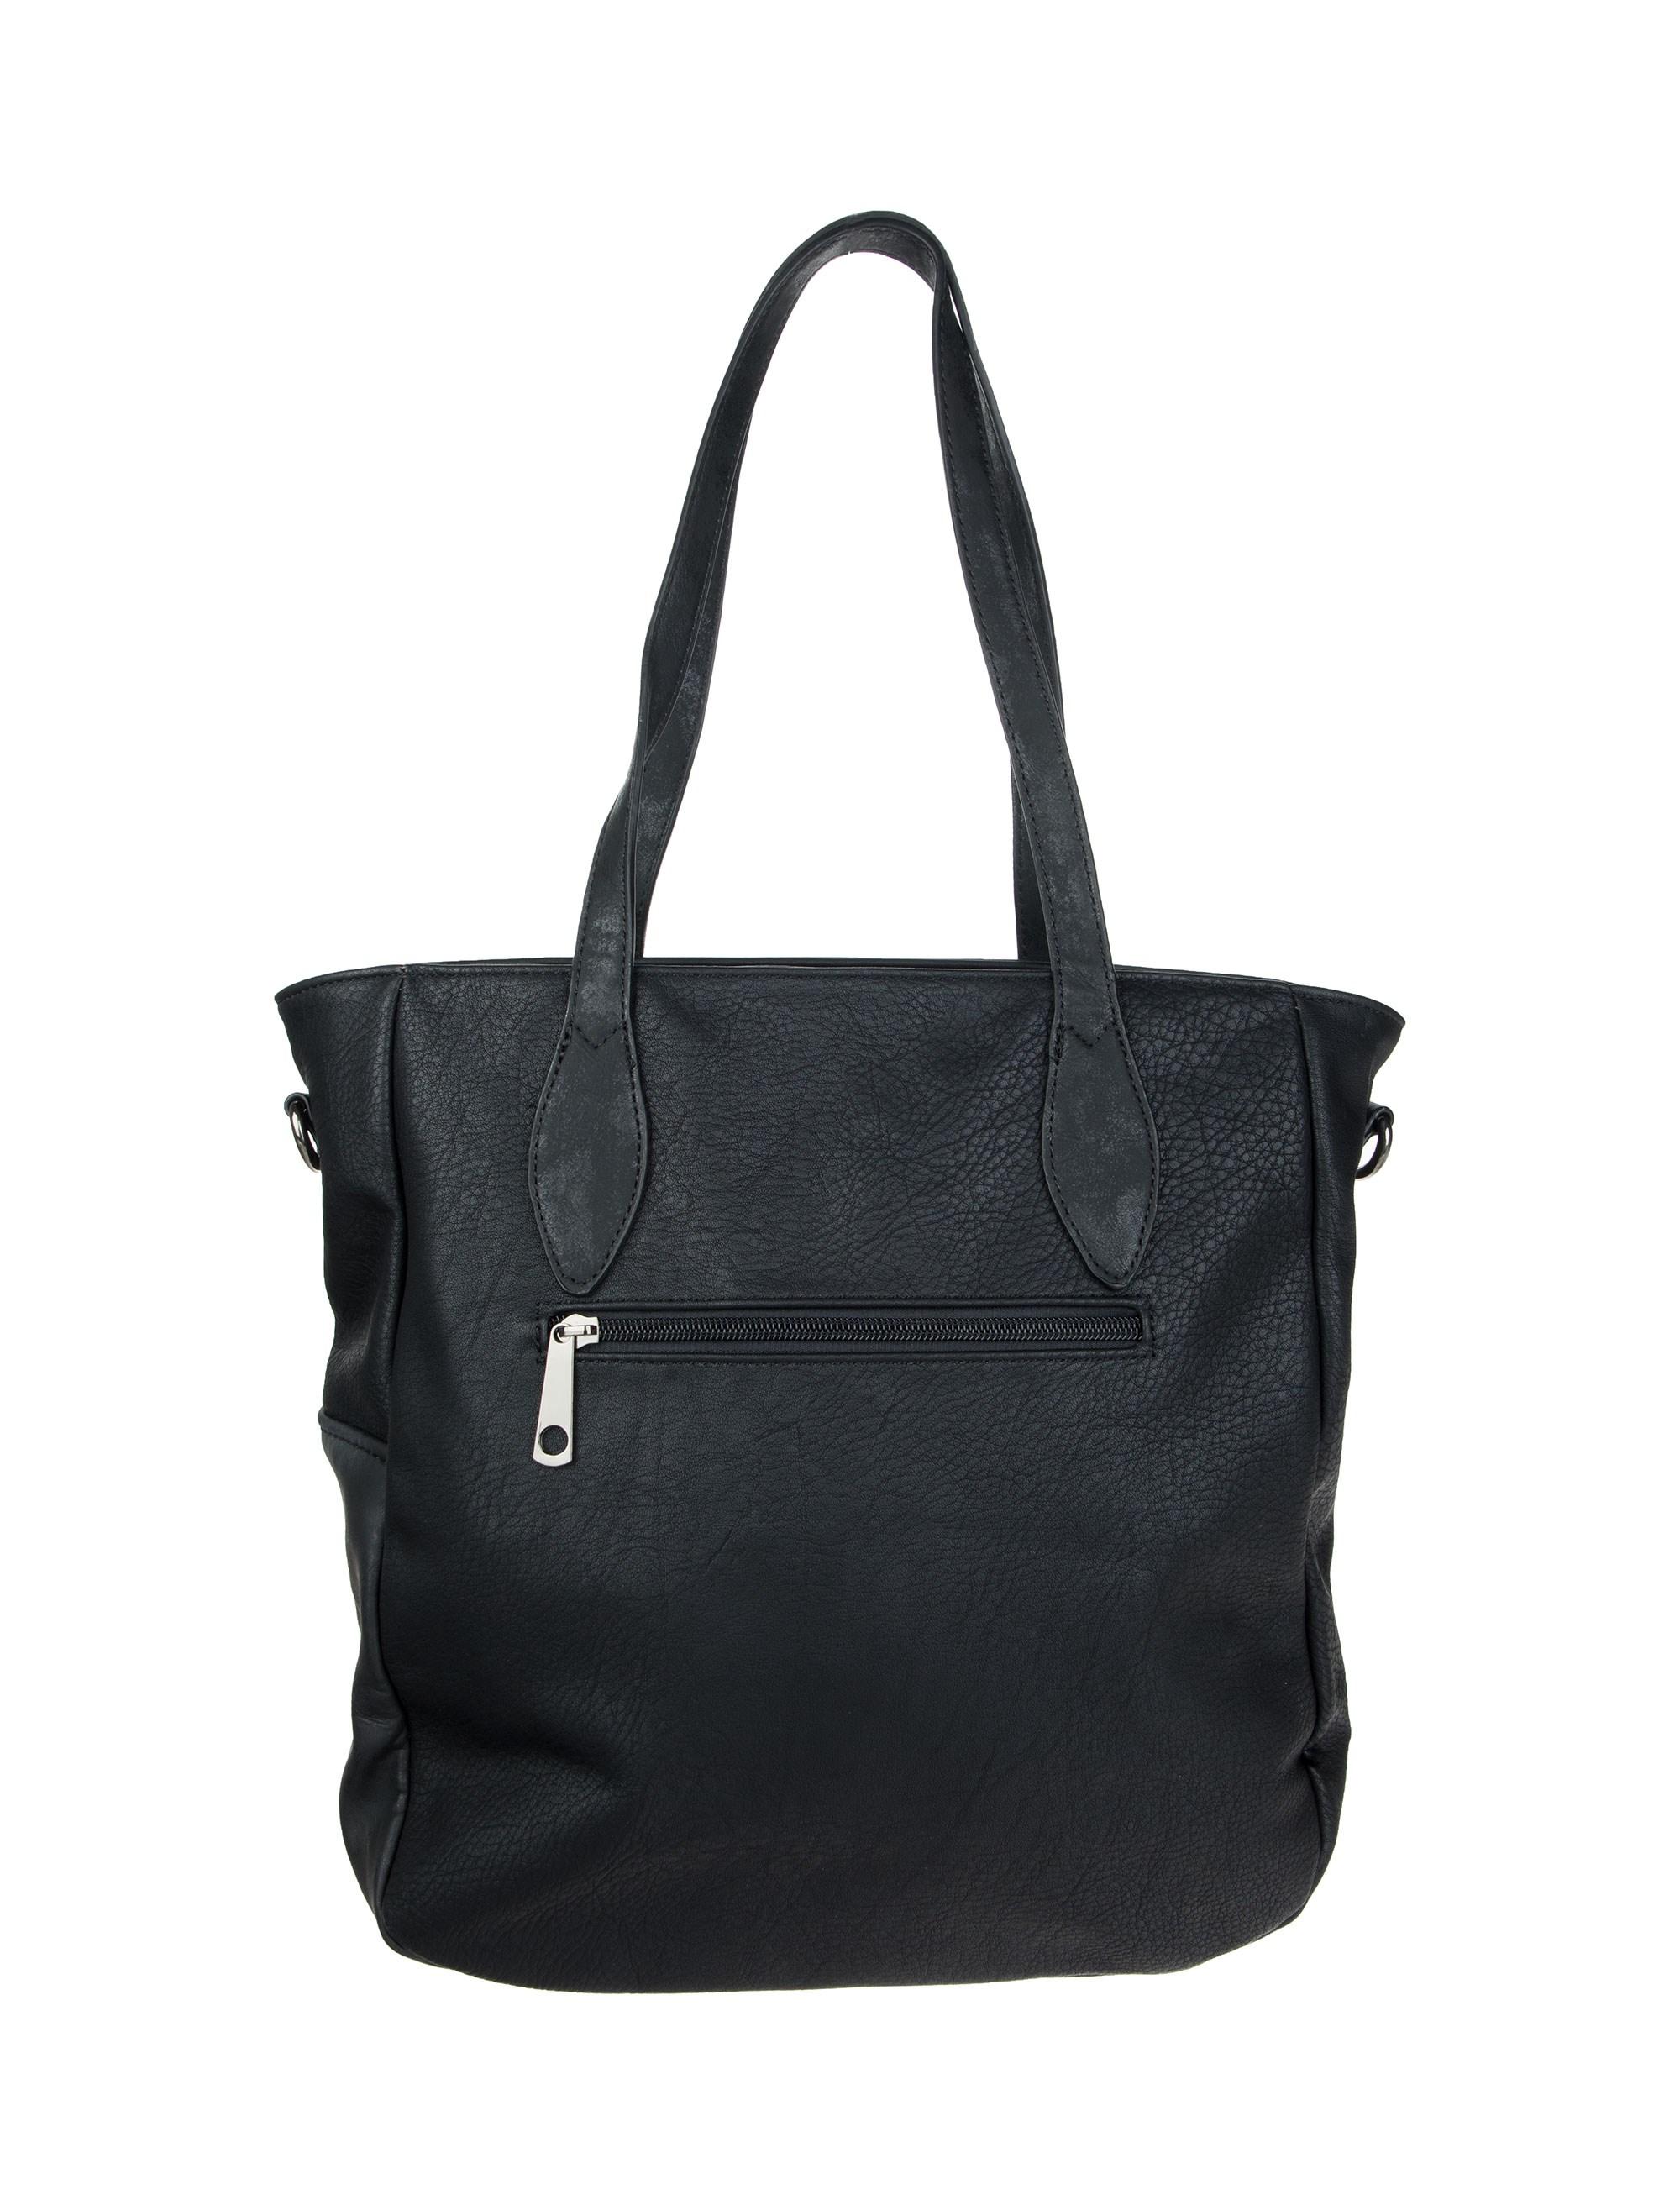 کیف دوشی روزمره زنانه - جانی اند جانی تک سایز